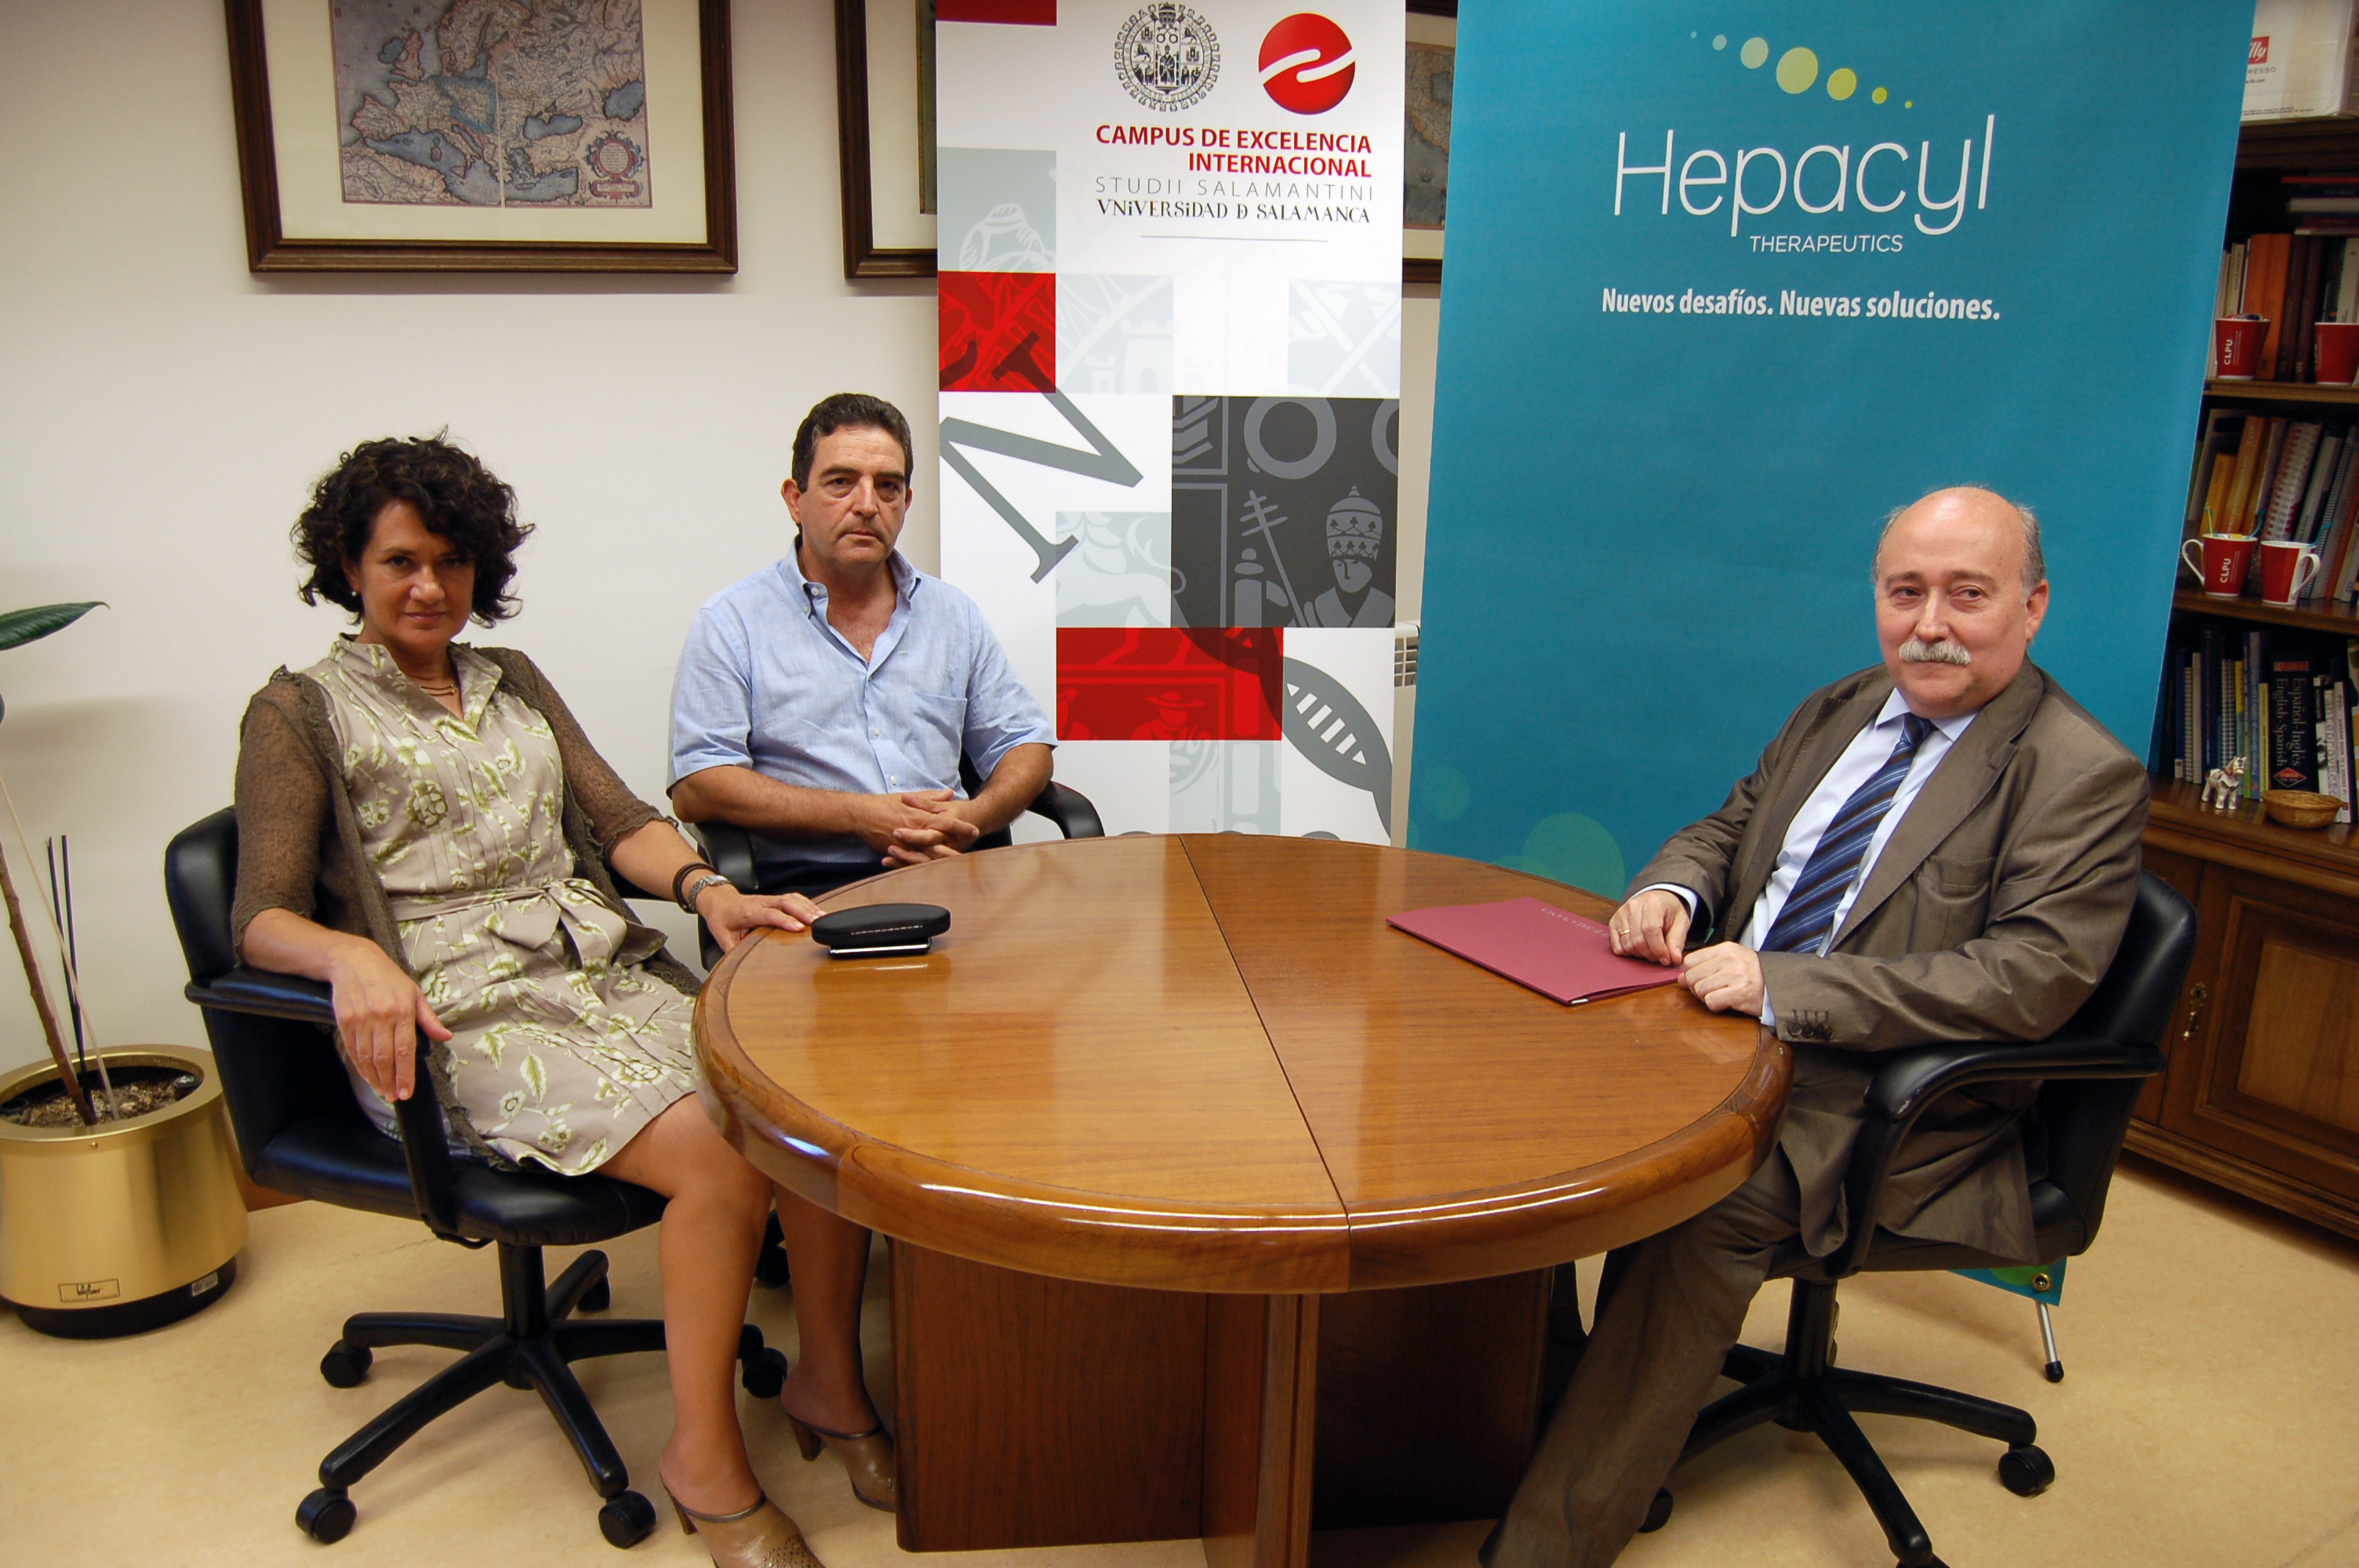 La Universidad de Salamanca suscribe un convenio de colaboración con Hepacyl Therapeutics